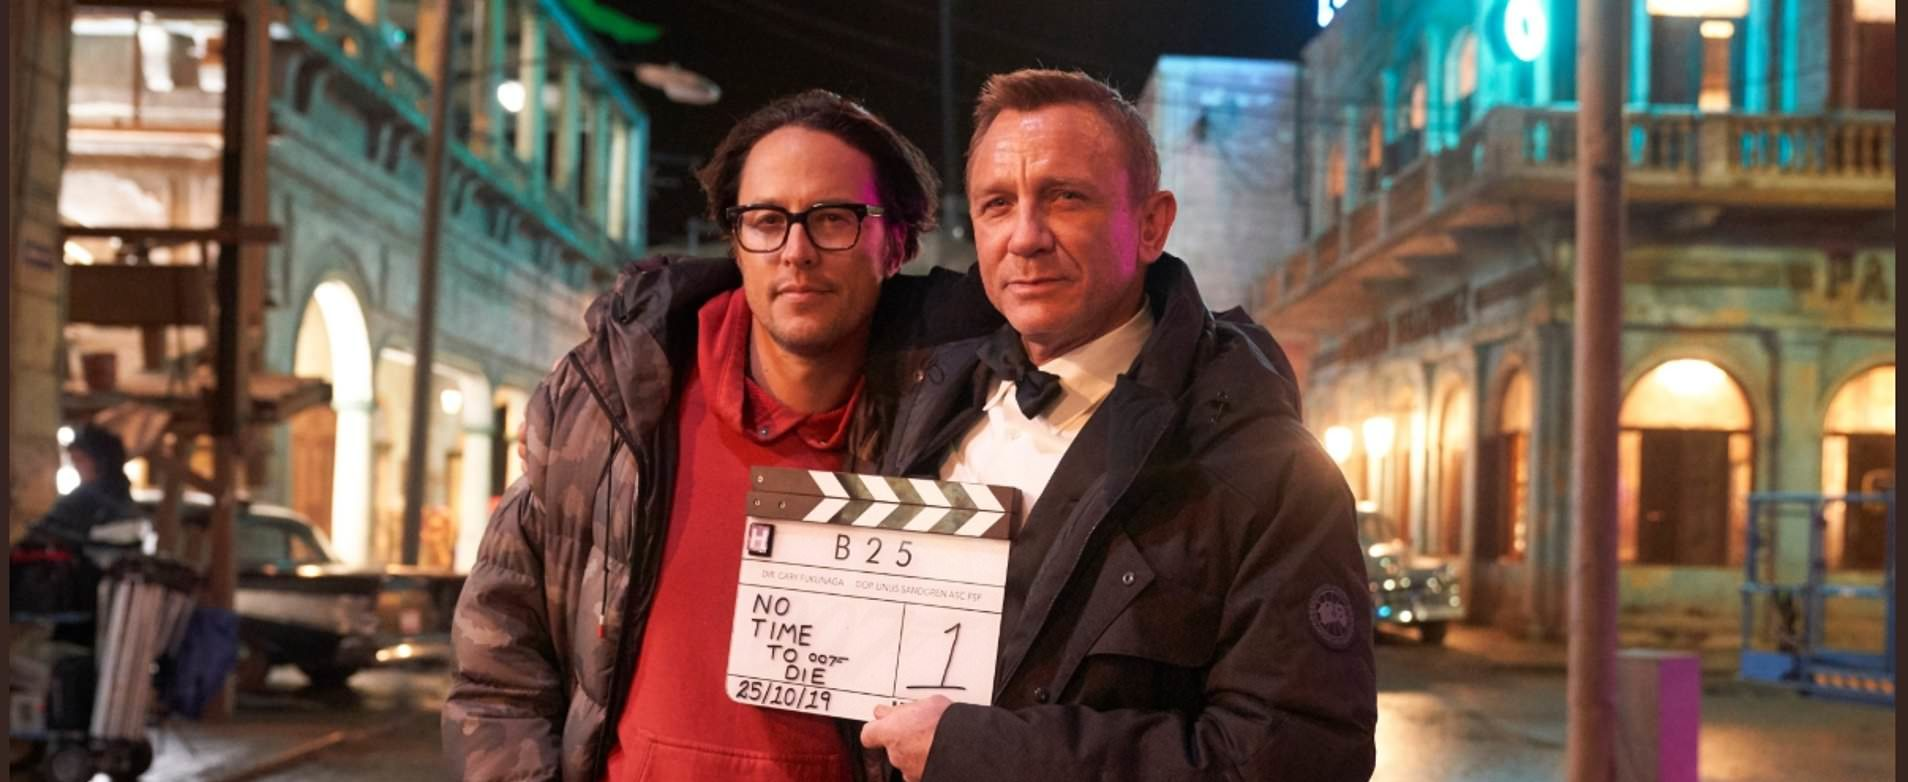 No Time To Die : Fin de tournage pour le 25ème film !